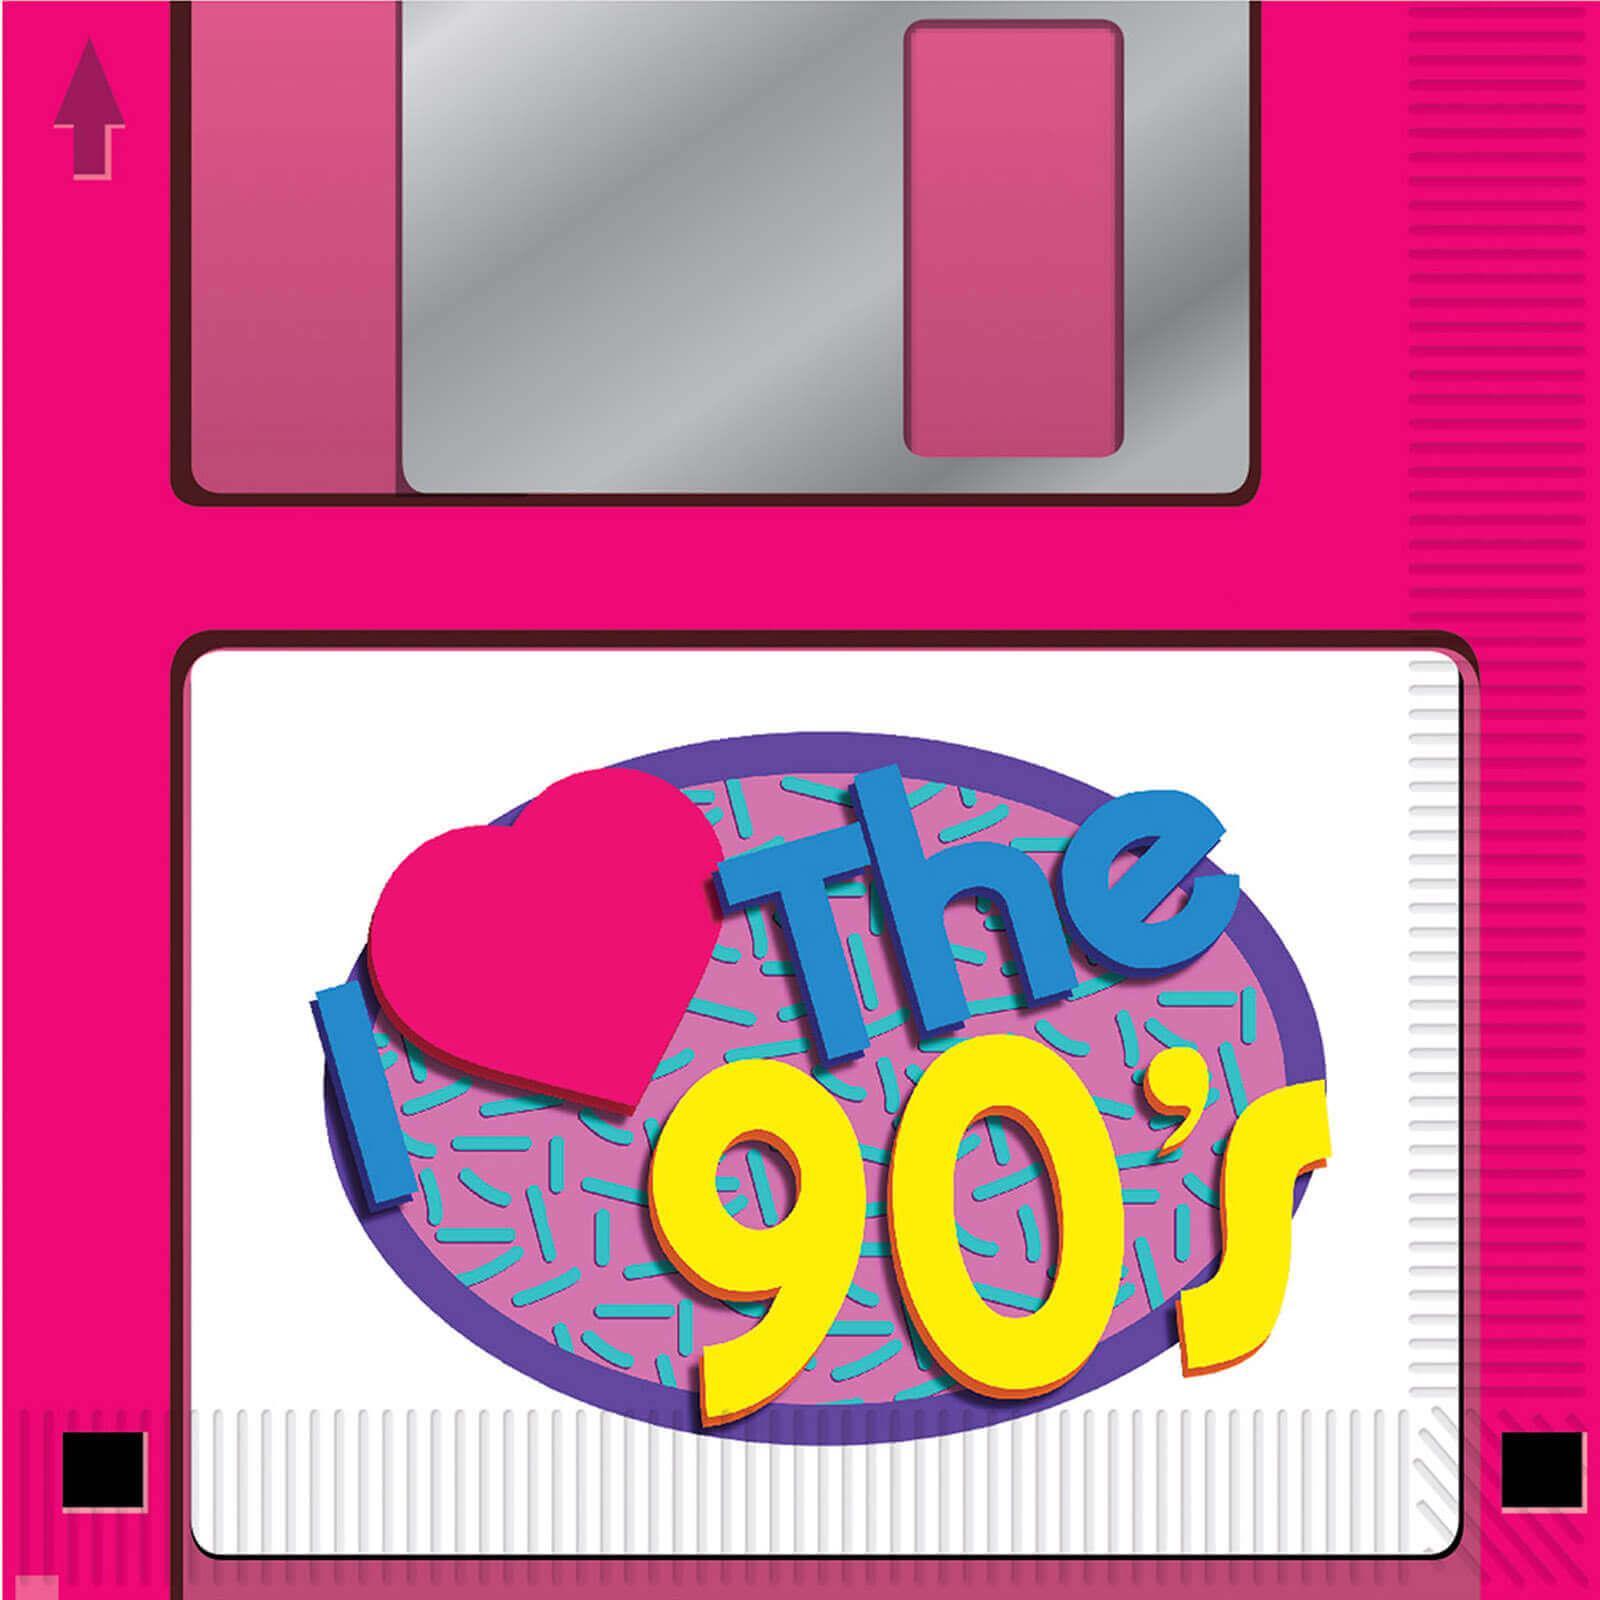 Party Servietten 90er Jahre Diskette Partydeko Partyartikel